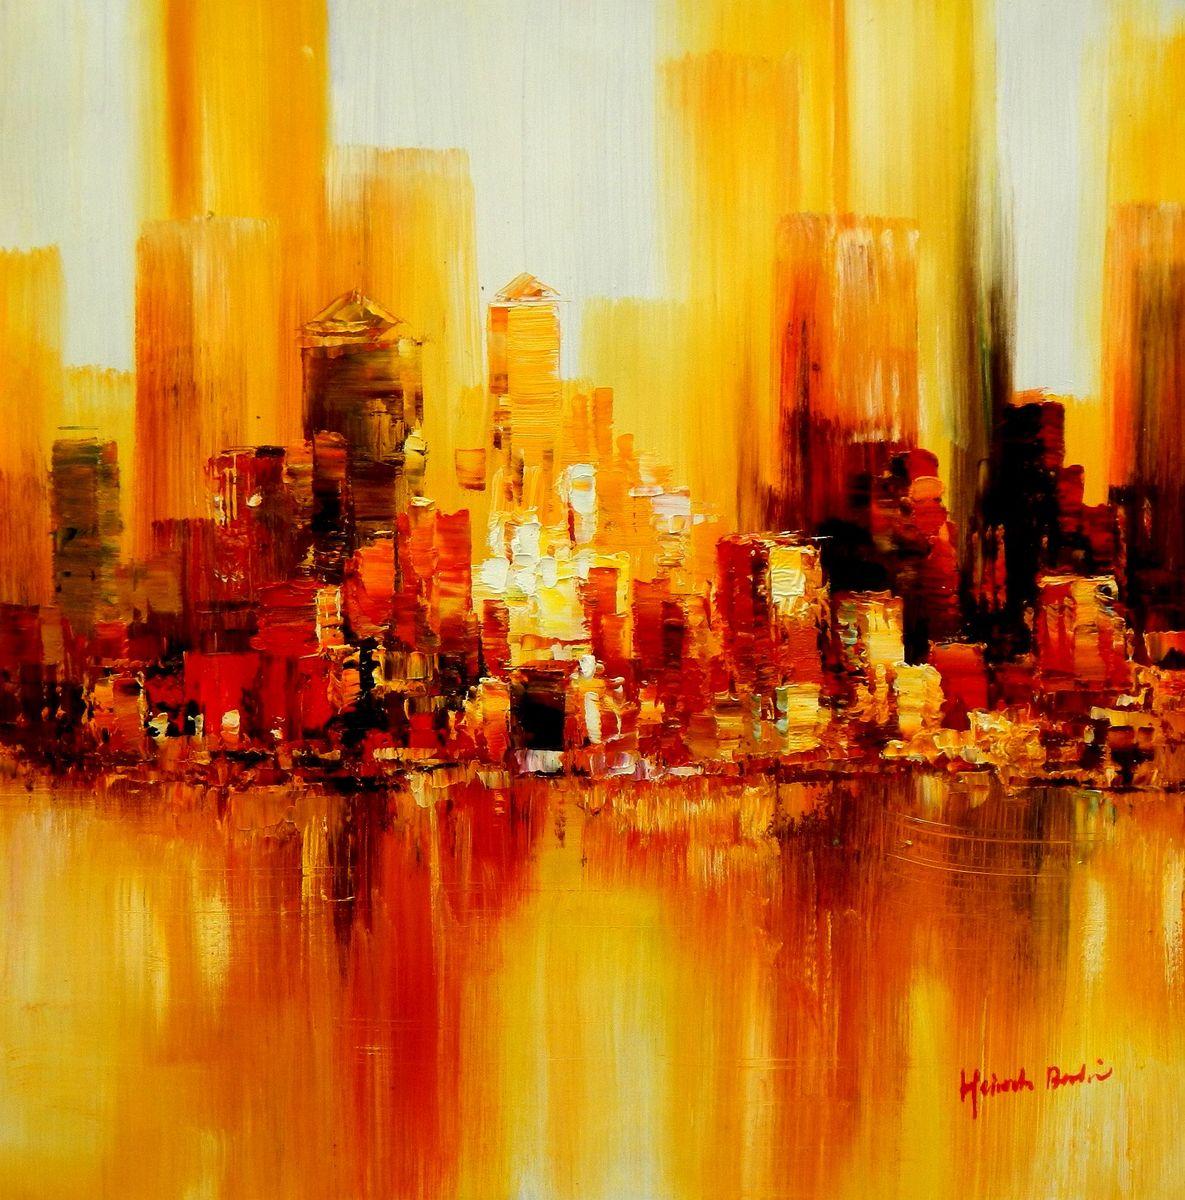 Abstrakt - New York Skyline am Abend e94292 60x60cm beeindruckendes Ölbild